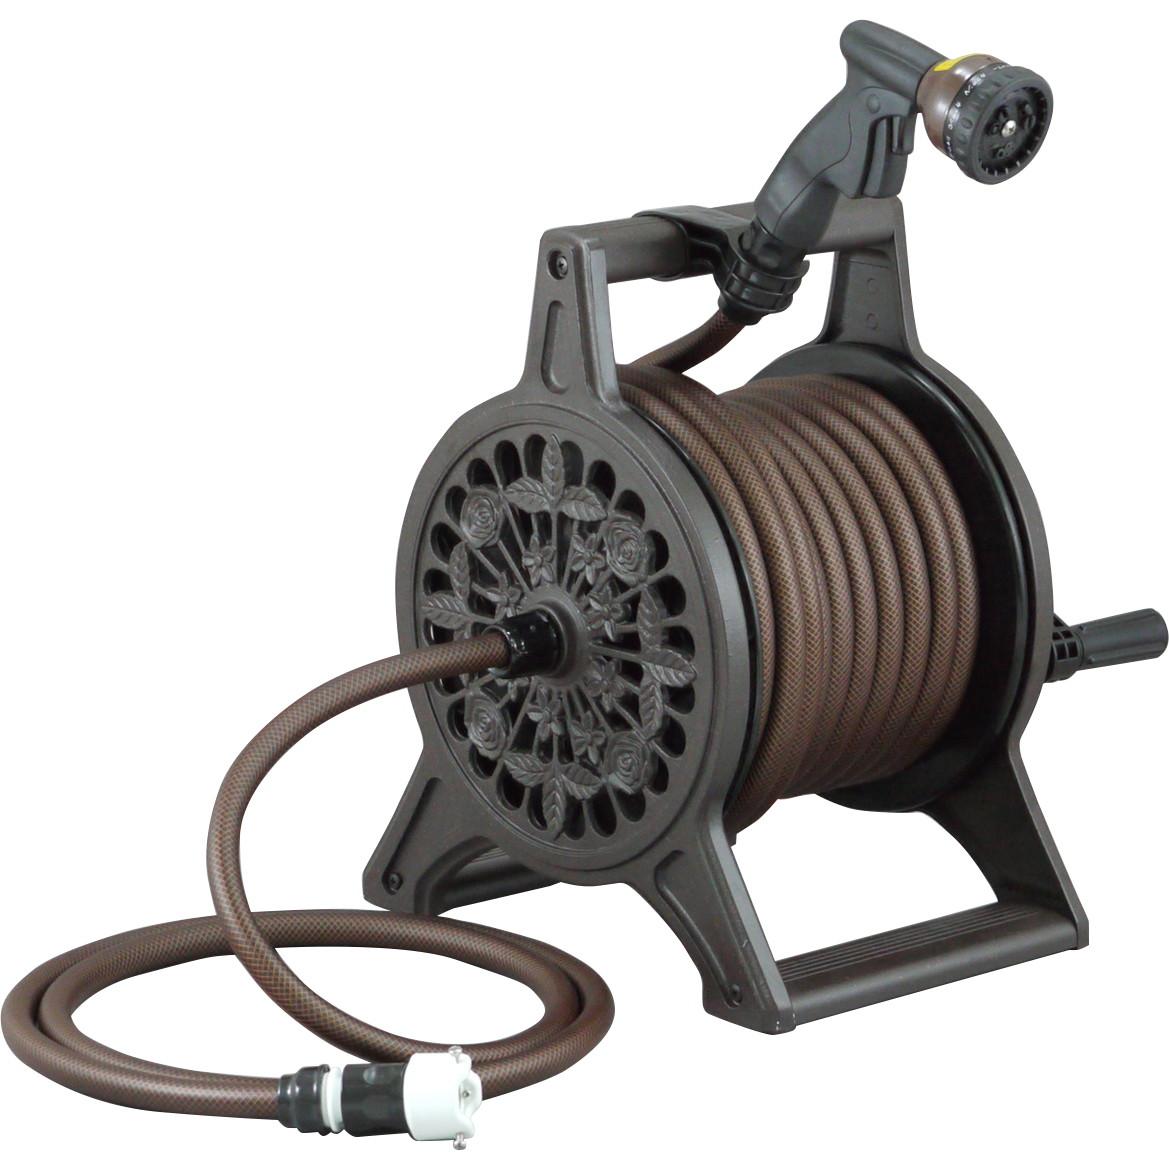 三洋化成 ガーデニング 散水用具 ブロンズリール 激安通販販売 L20m ブラウン 在庫あり BR4-XT20BRO ※代引不可